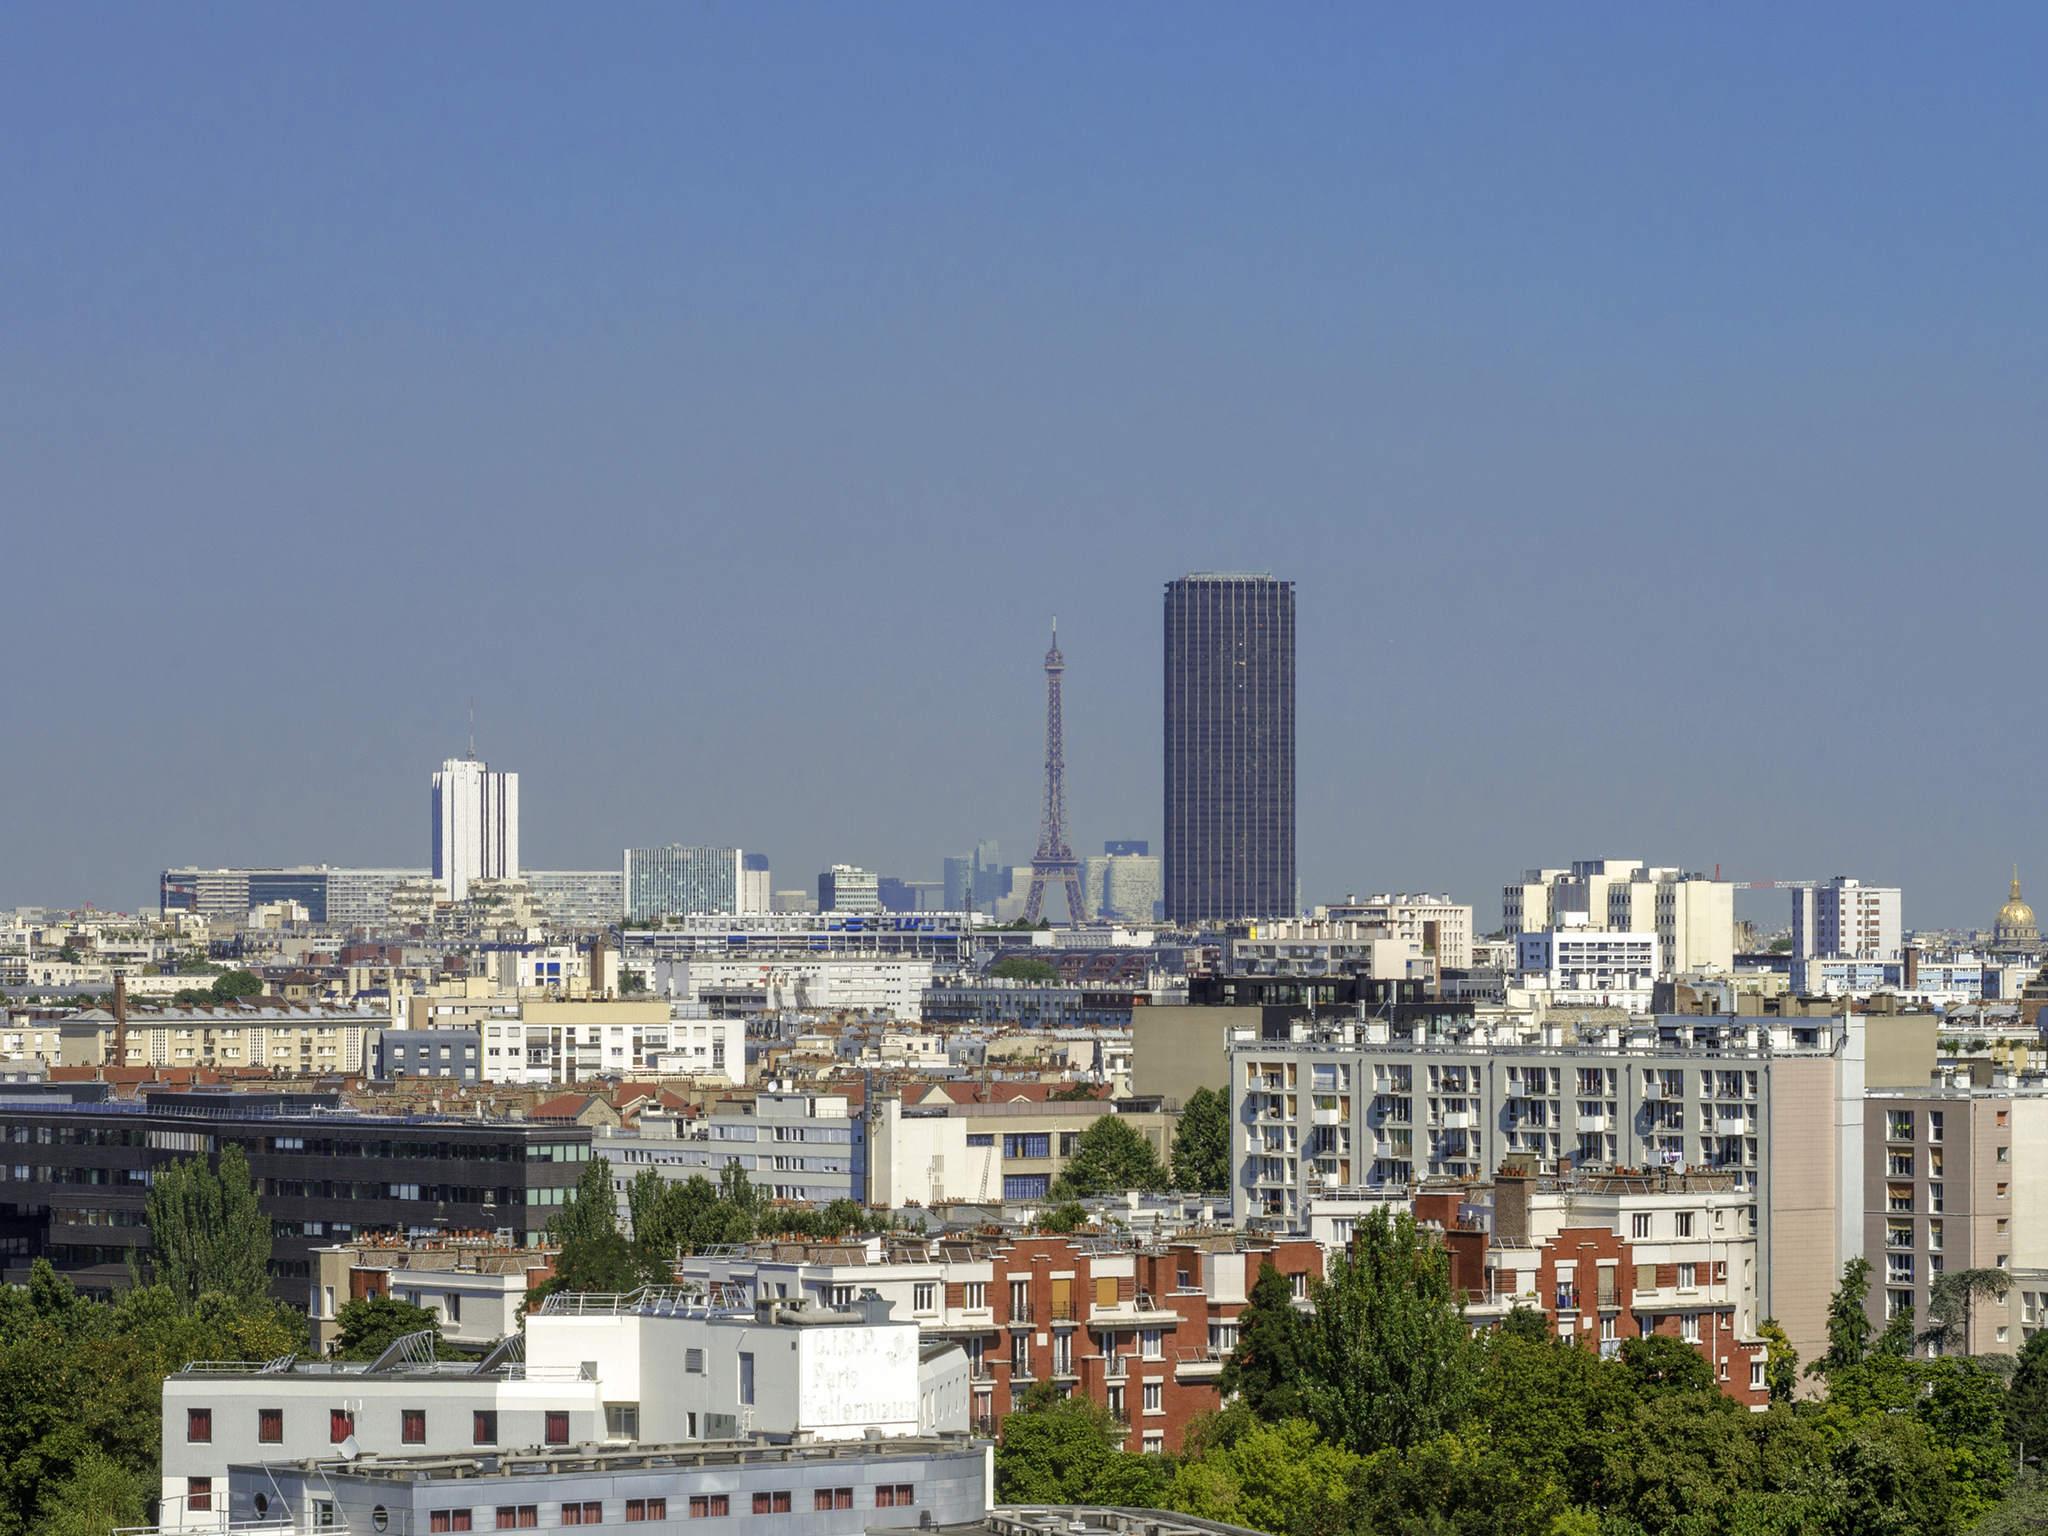 酒店 – 宜必思尚品巴黎意大利广场酒店(2019 年 5 月开业)